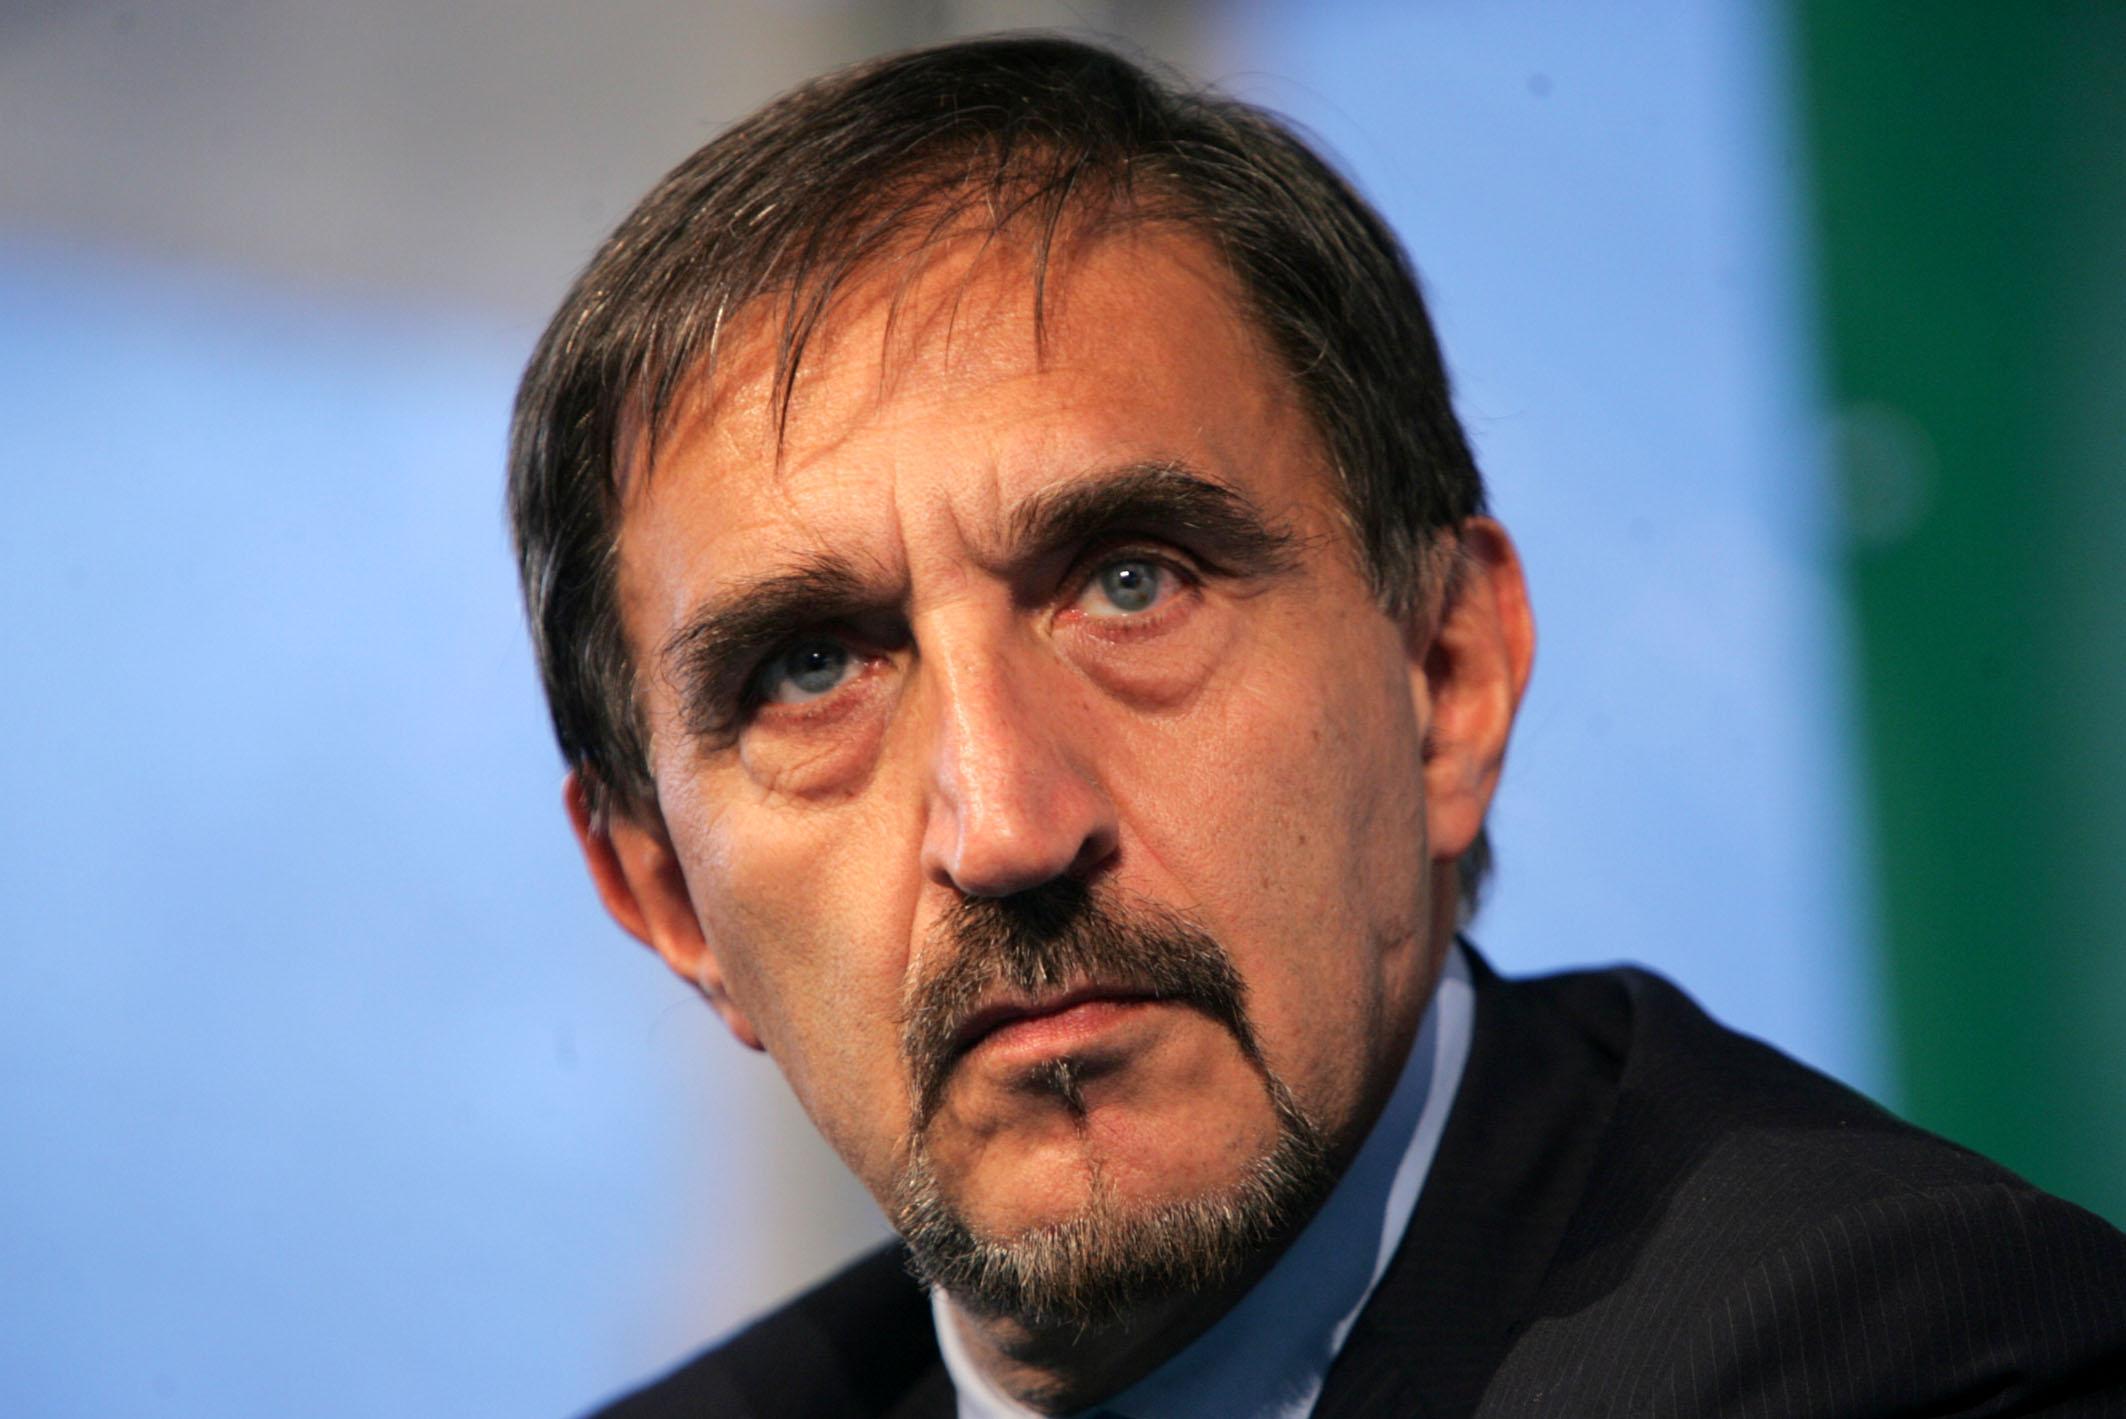 Ignazio La Russa, vicepresidente del Senato e senatore di Fratelli d'Italia